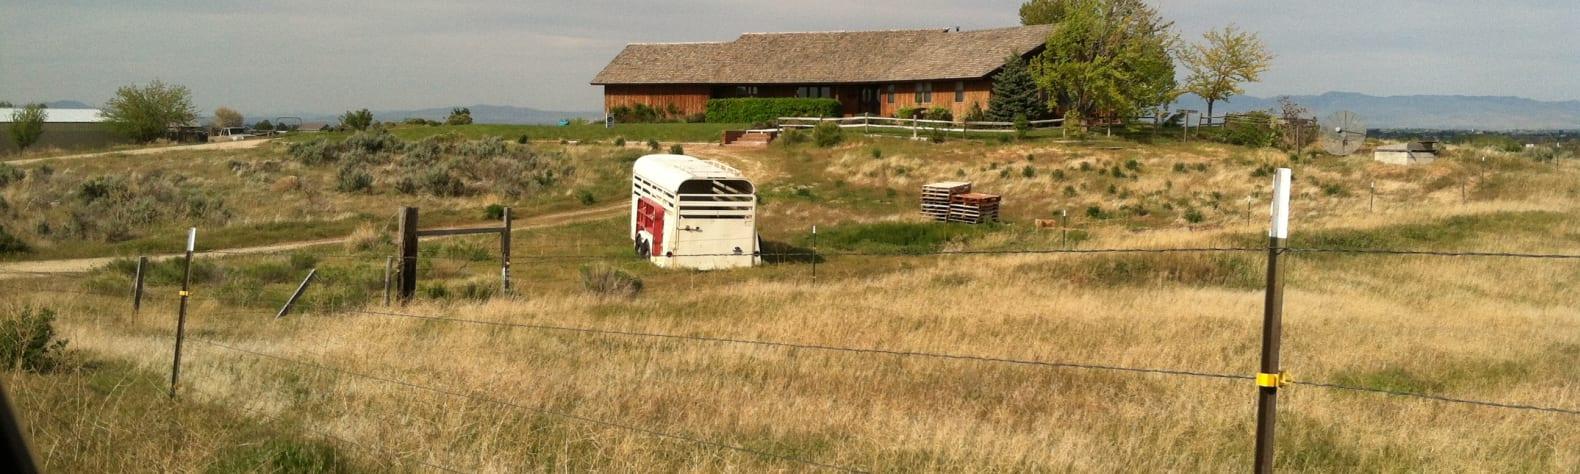 The Idaho Pioneer Farm